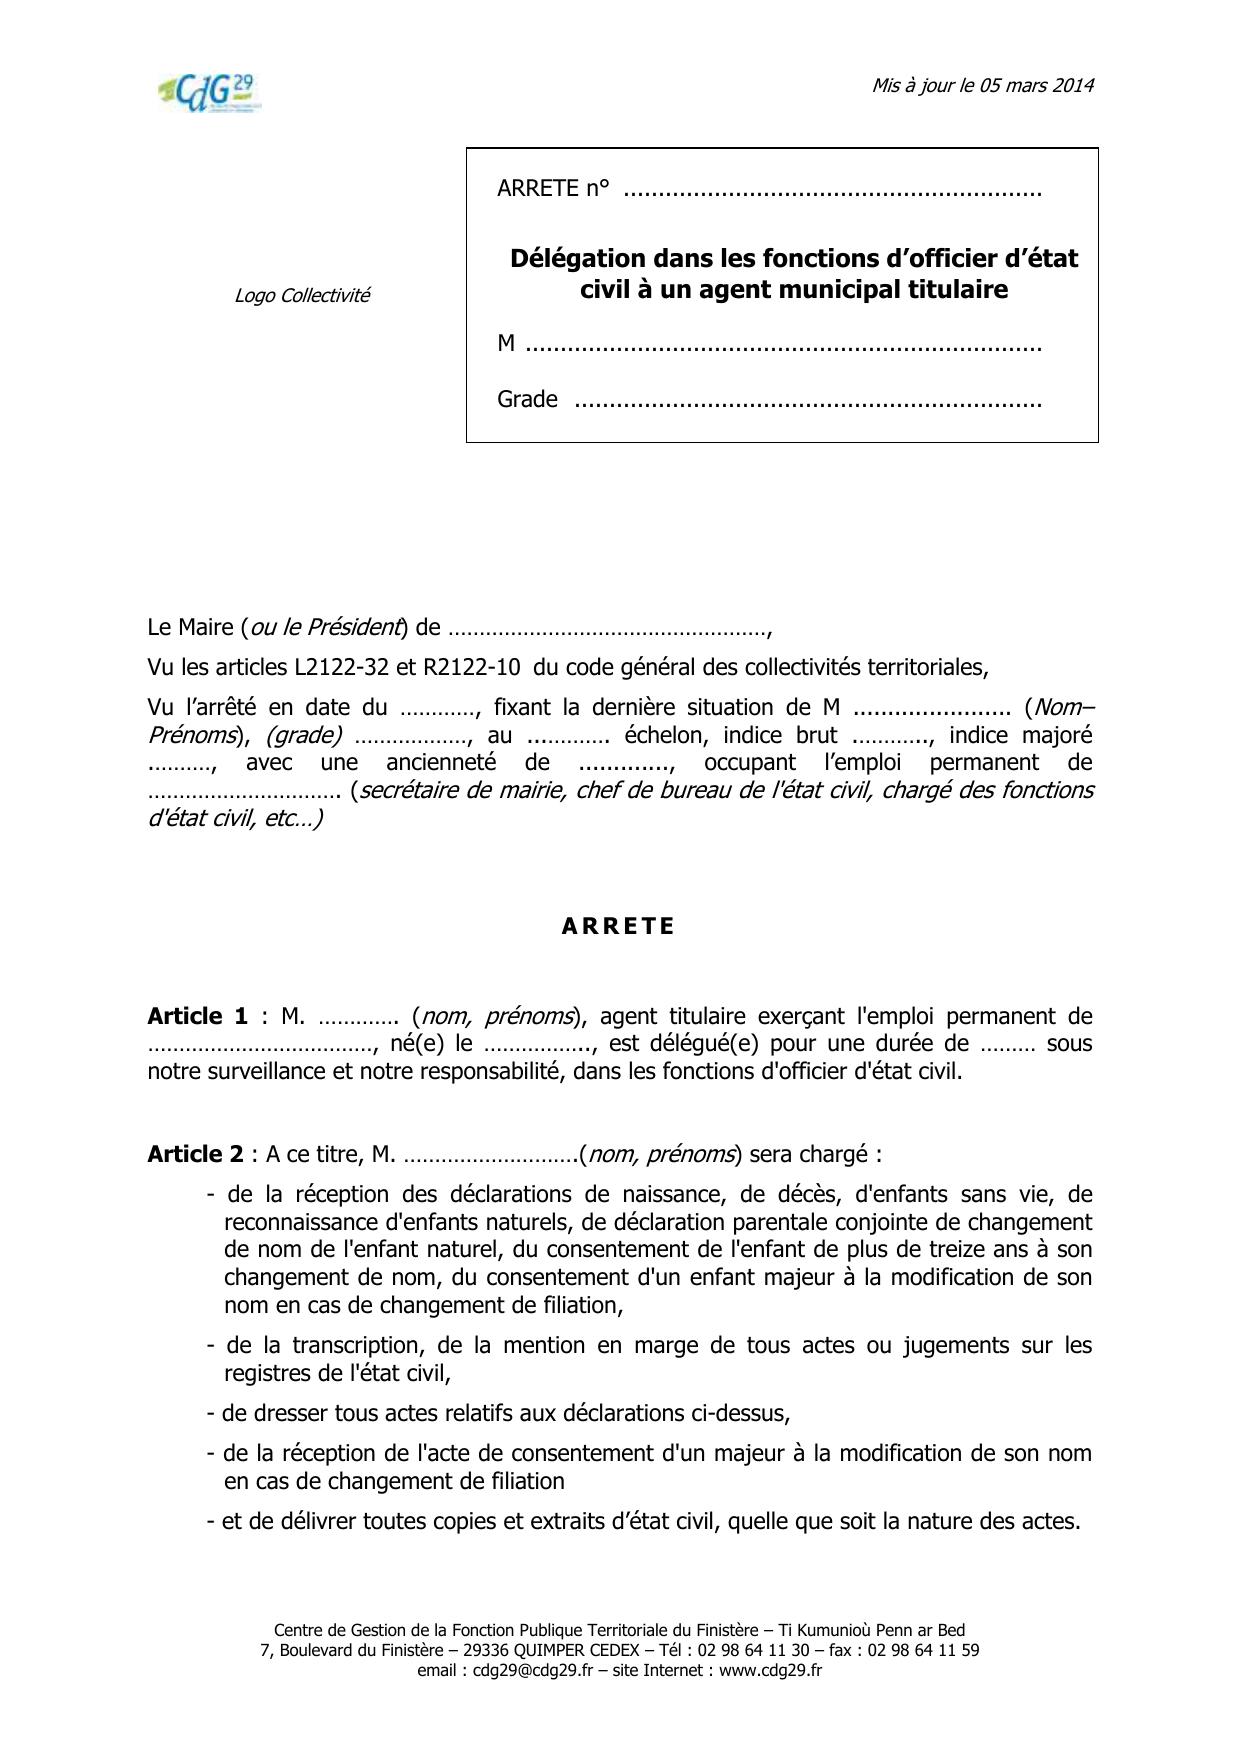 Delegation Dans Les Fonctions D Officier D Etat Civil A Un Agent